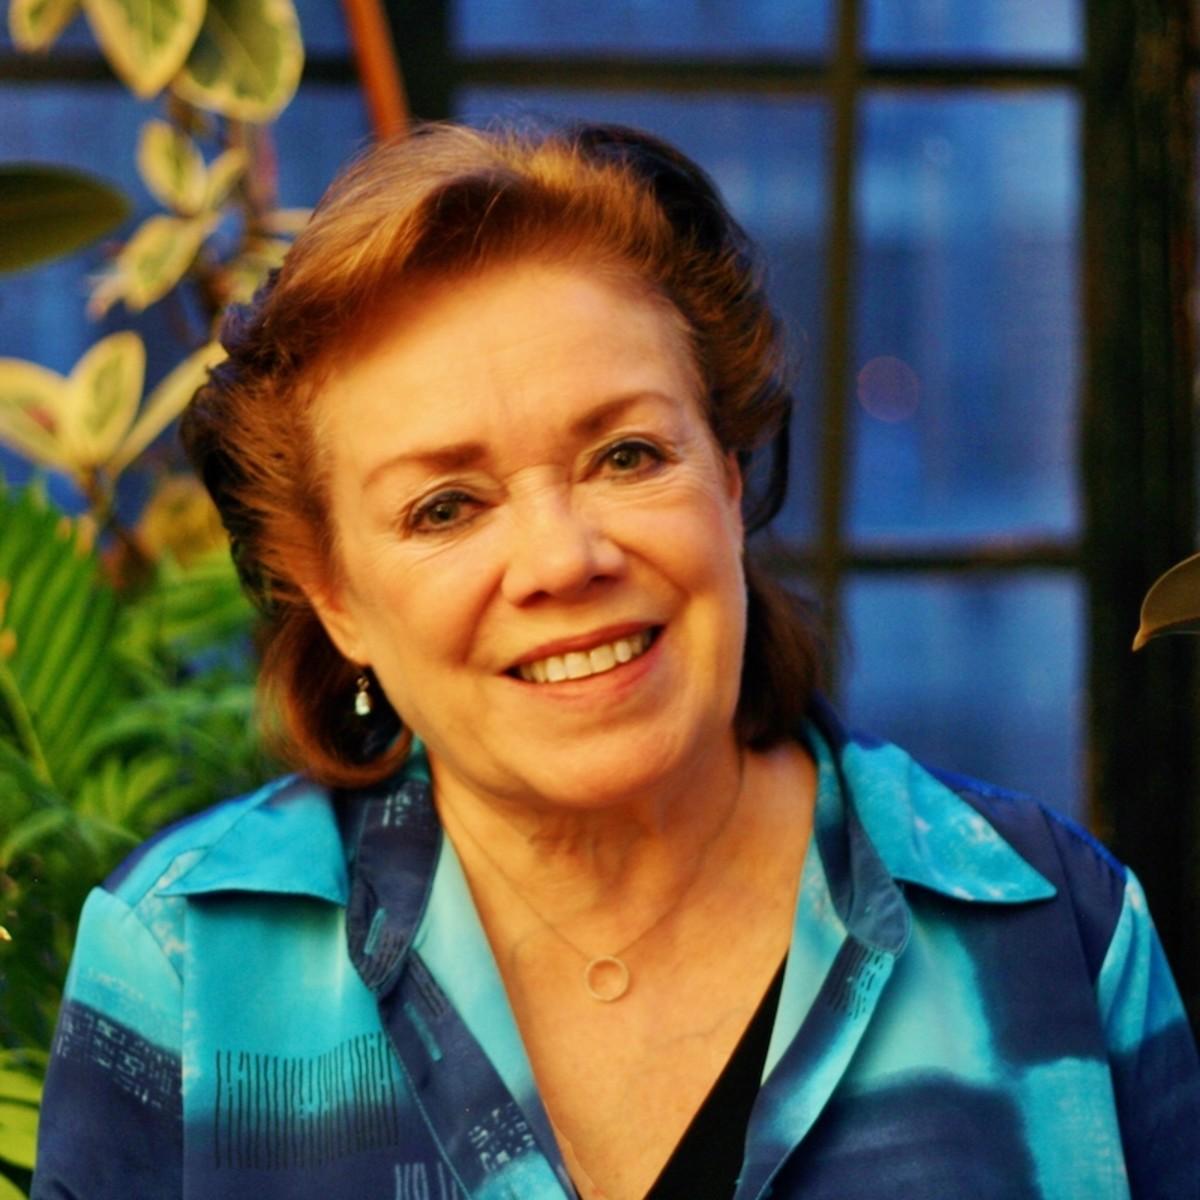 Jane Cleland Promo Image